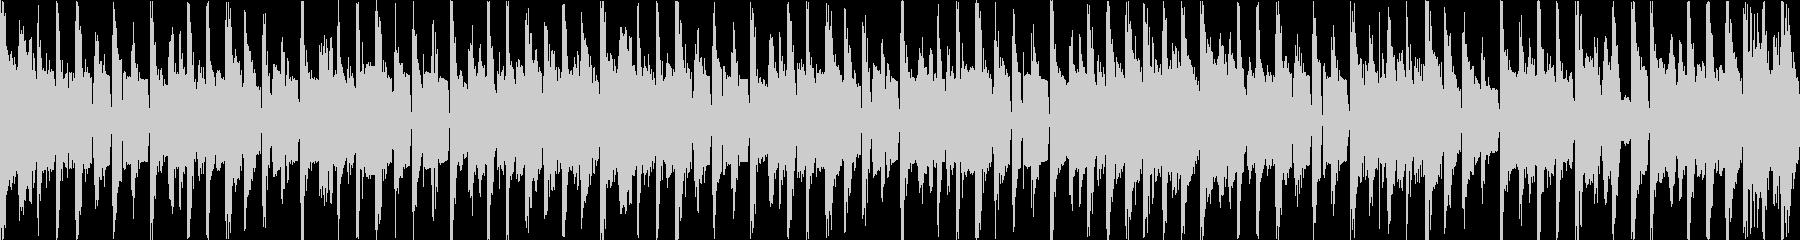 コミカルで陽気なブルースファンク・ループの未再生の波形